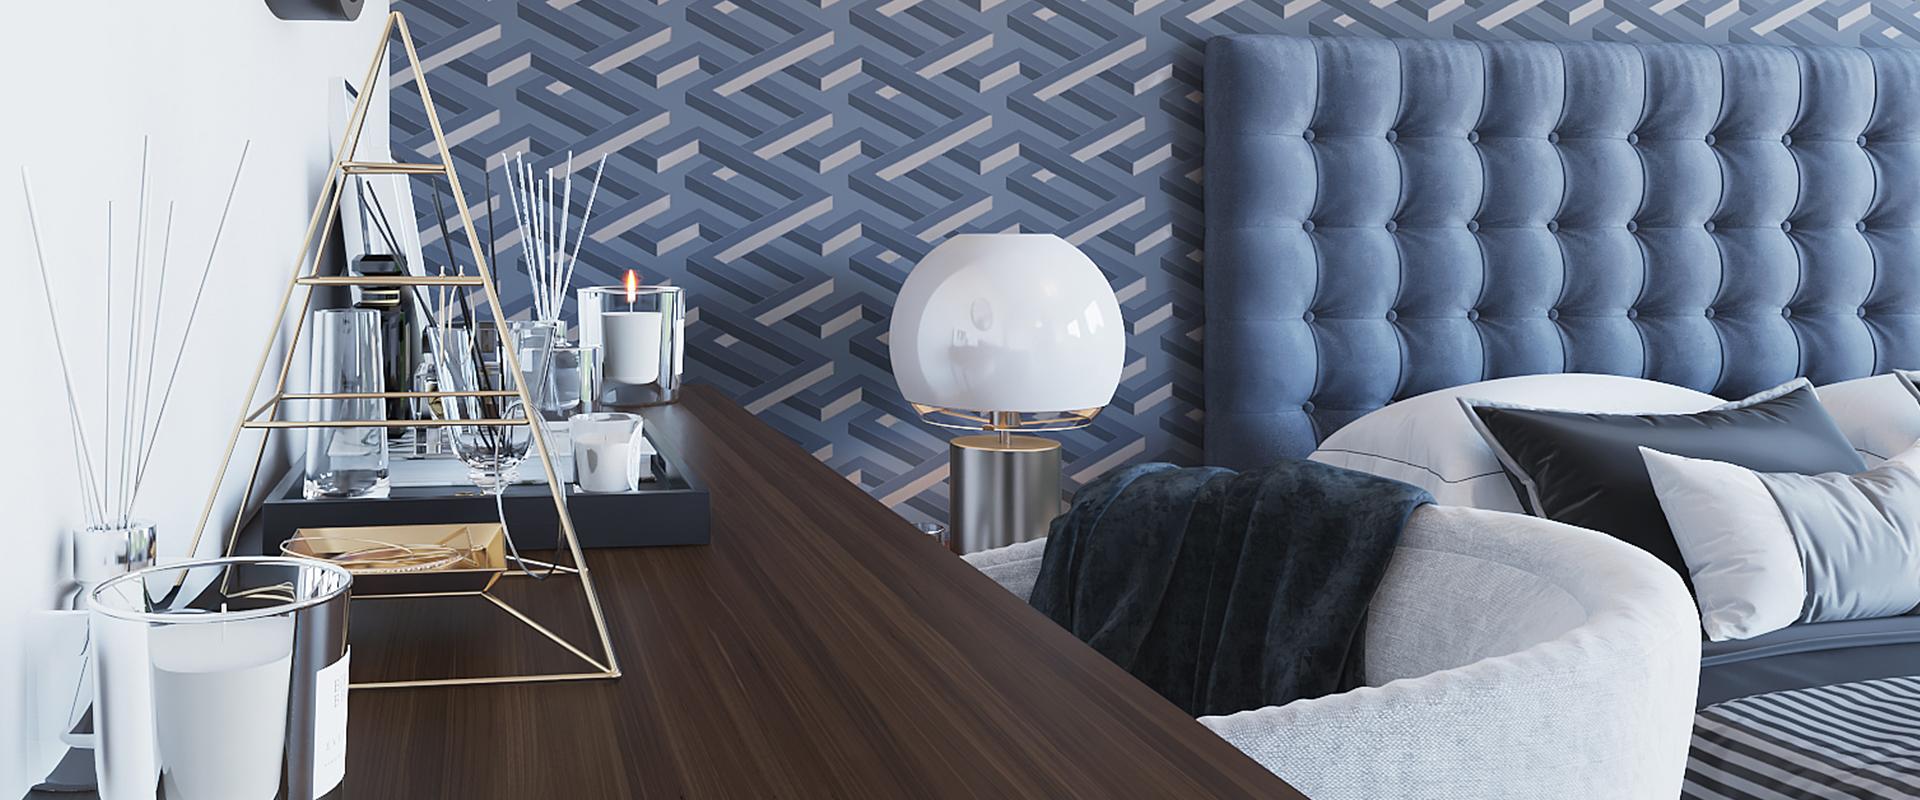 A L&Q bedroom